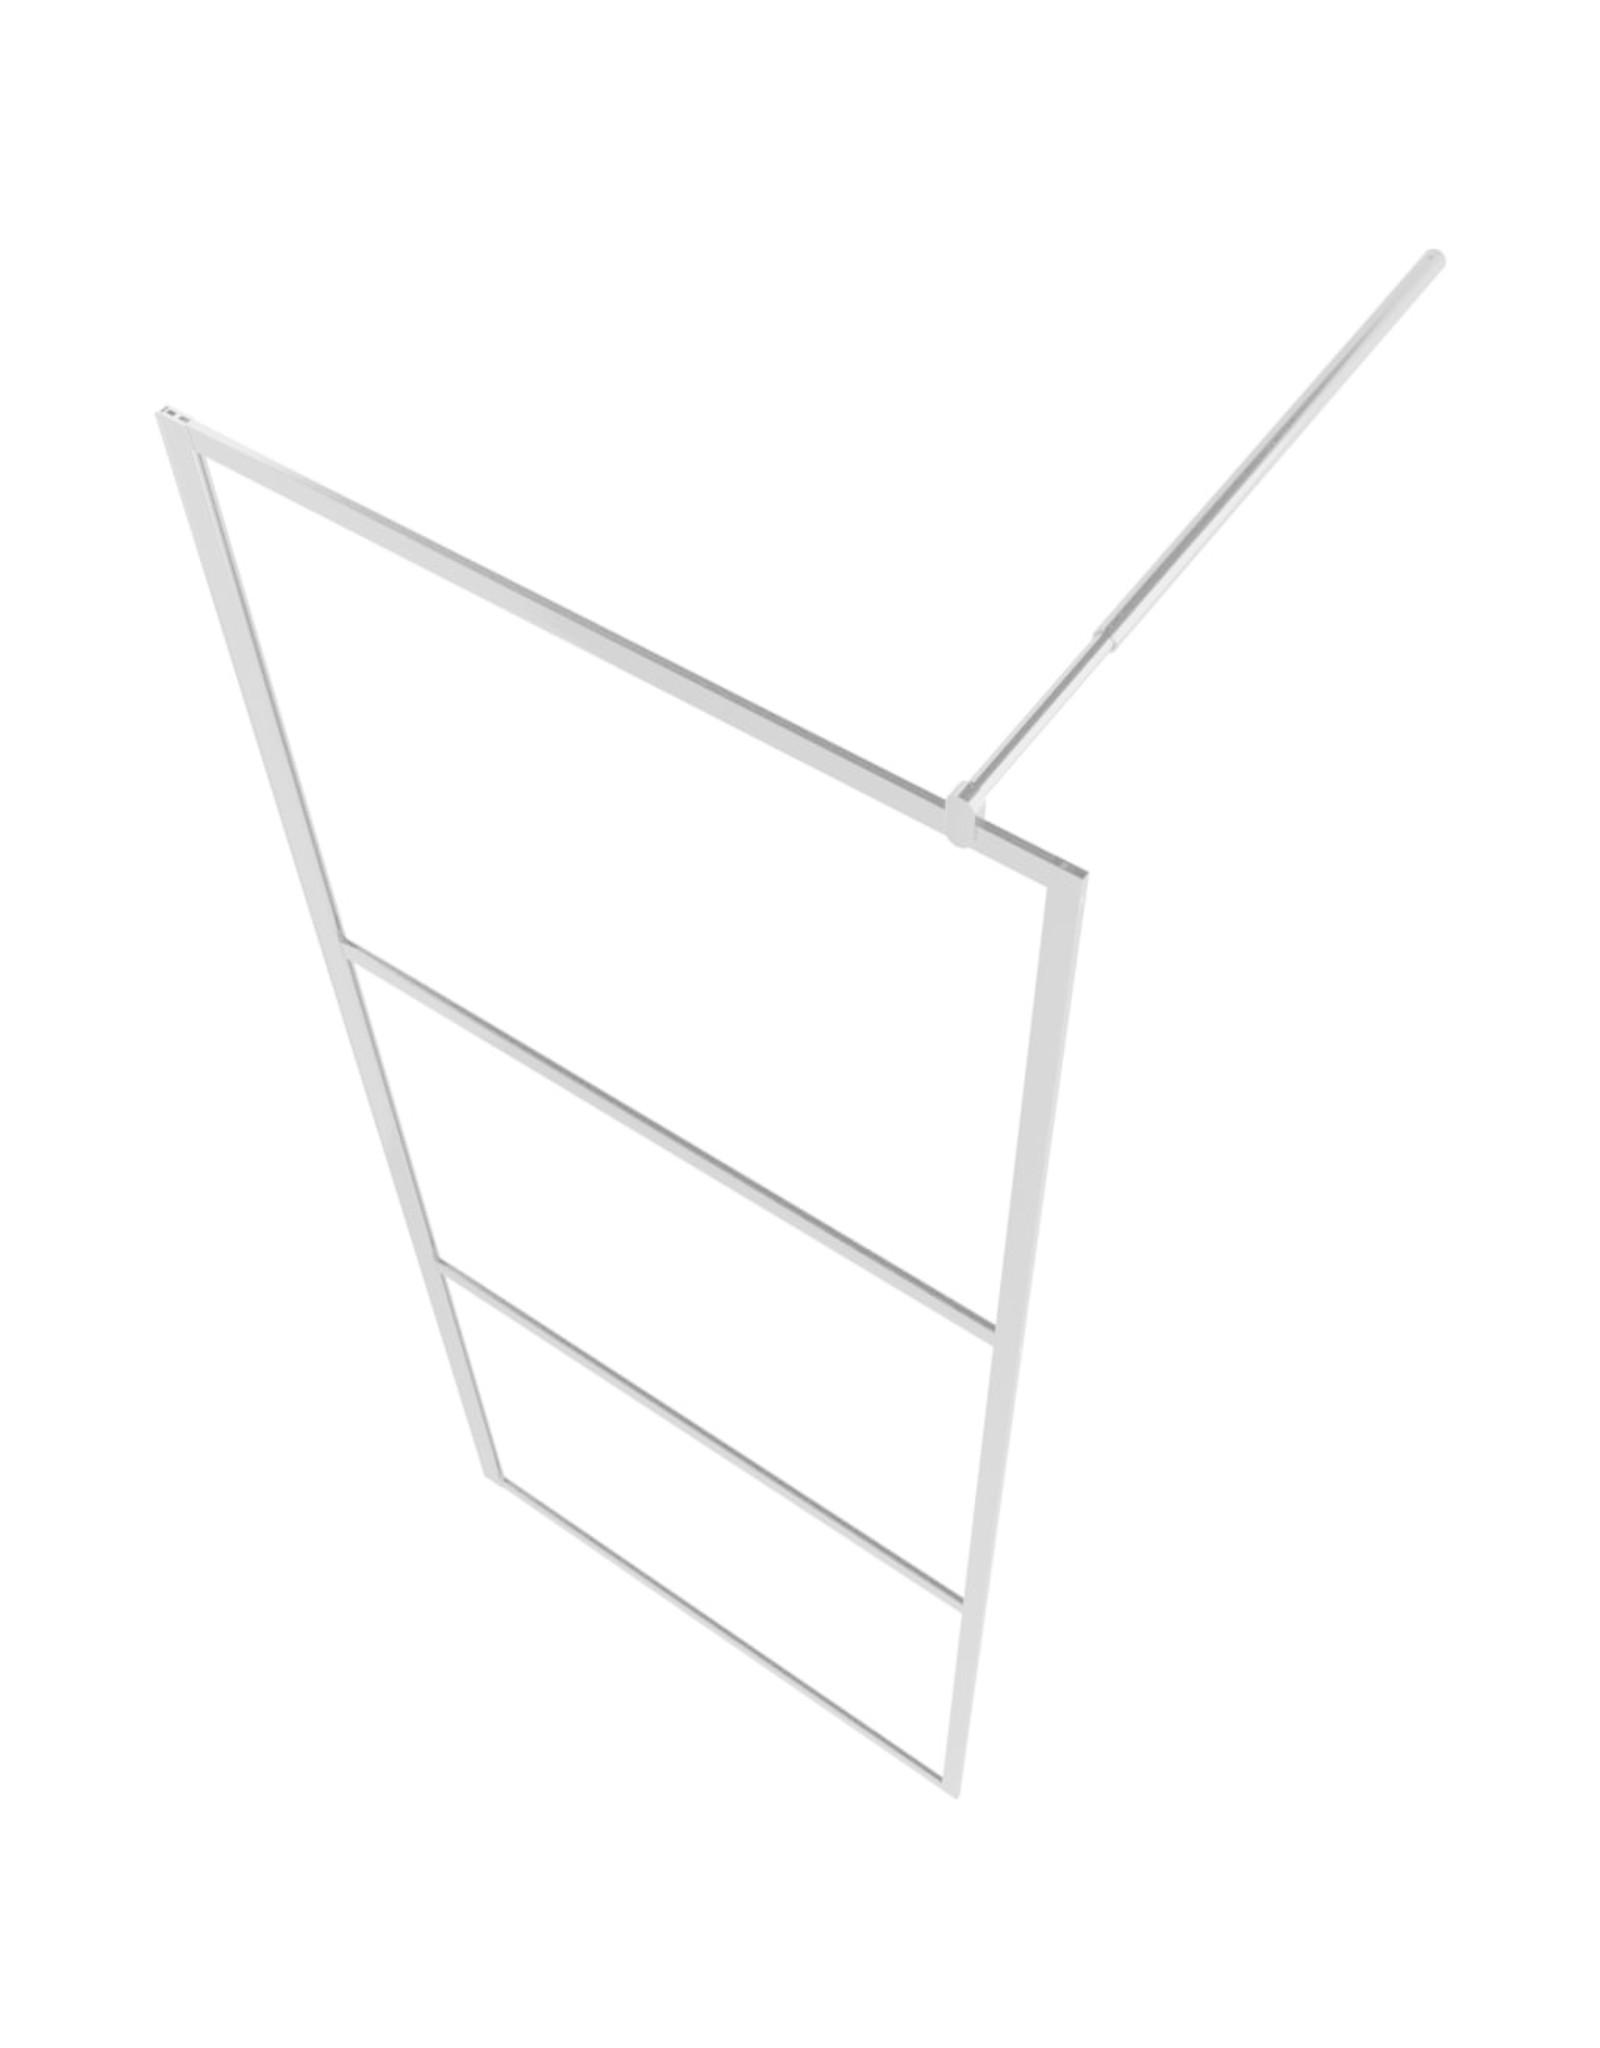 Inloopdouchewand transparant 140x195 cm ESG-glas